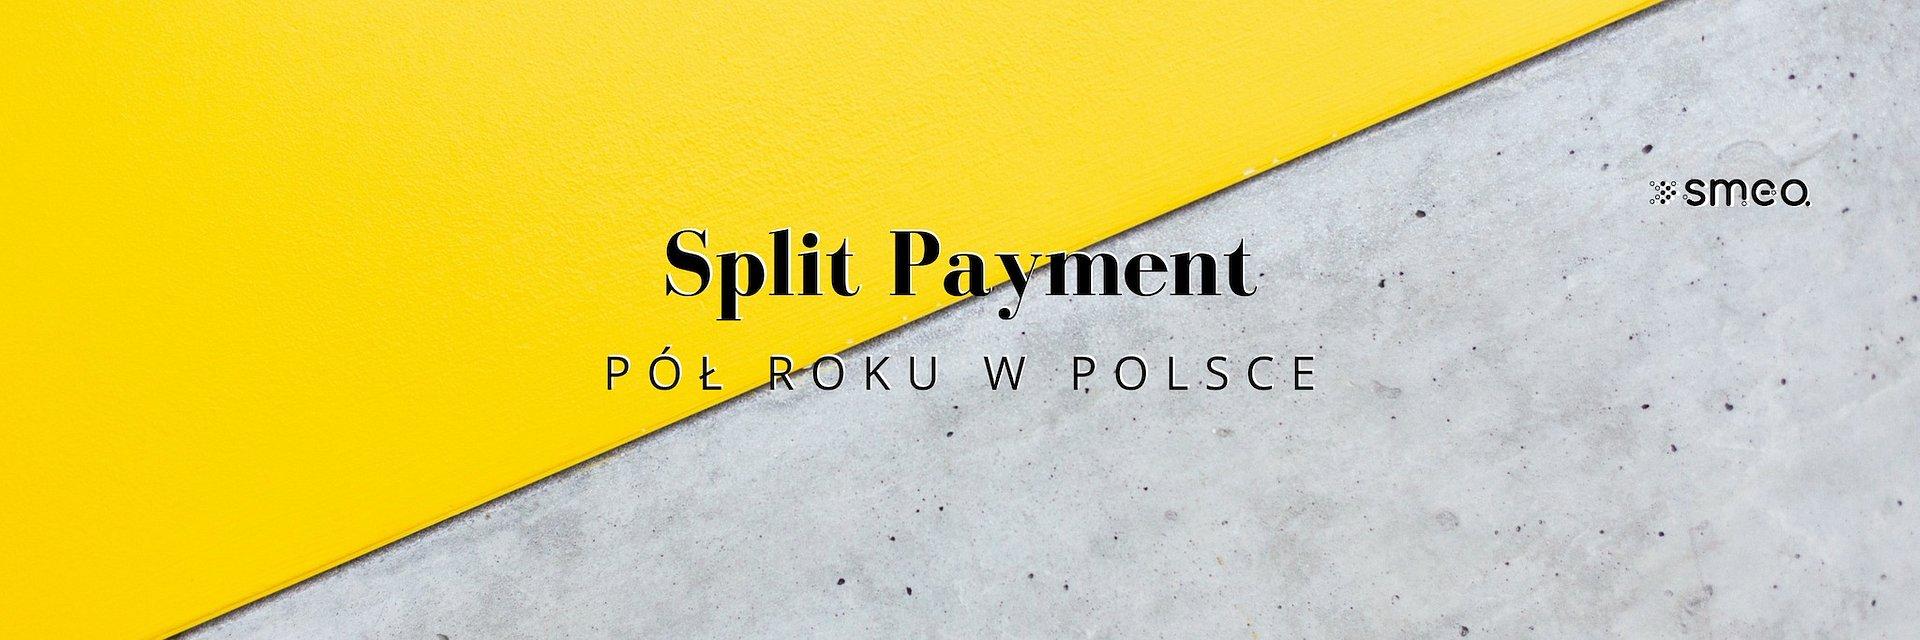 Split payment, czyli przedsiębiorcy podzieleni